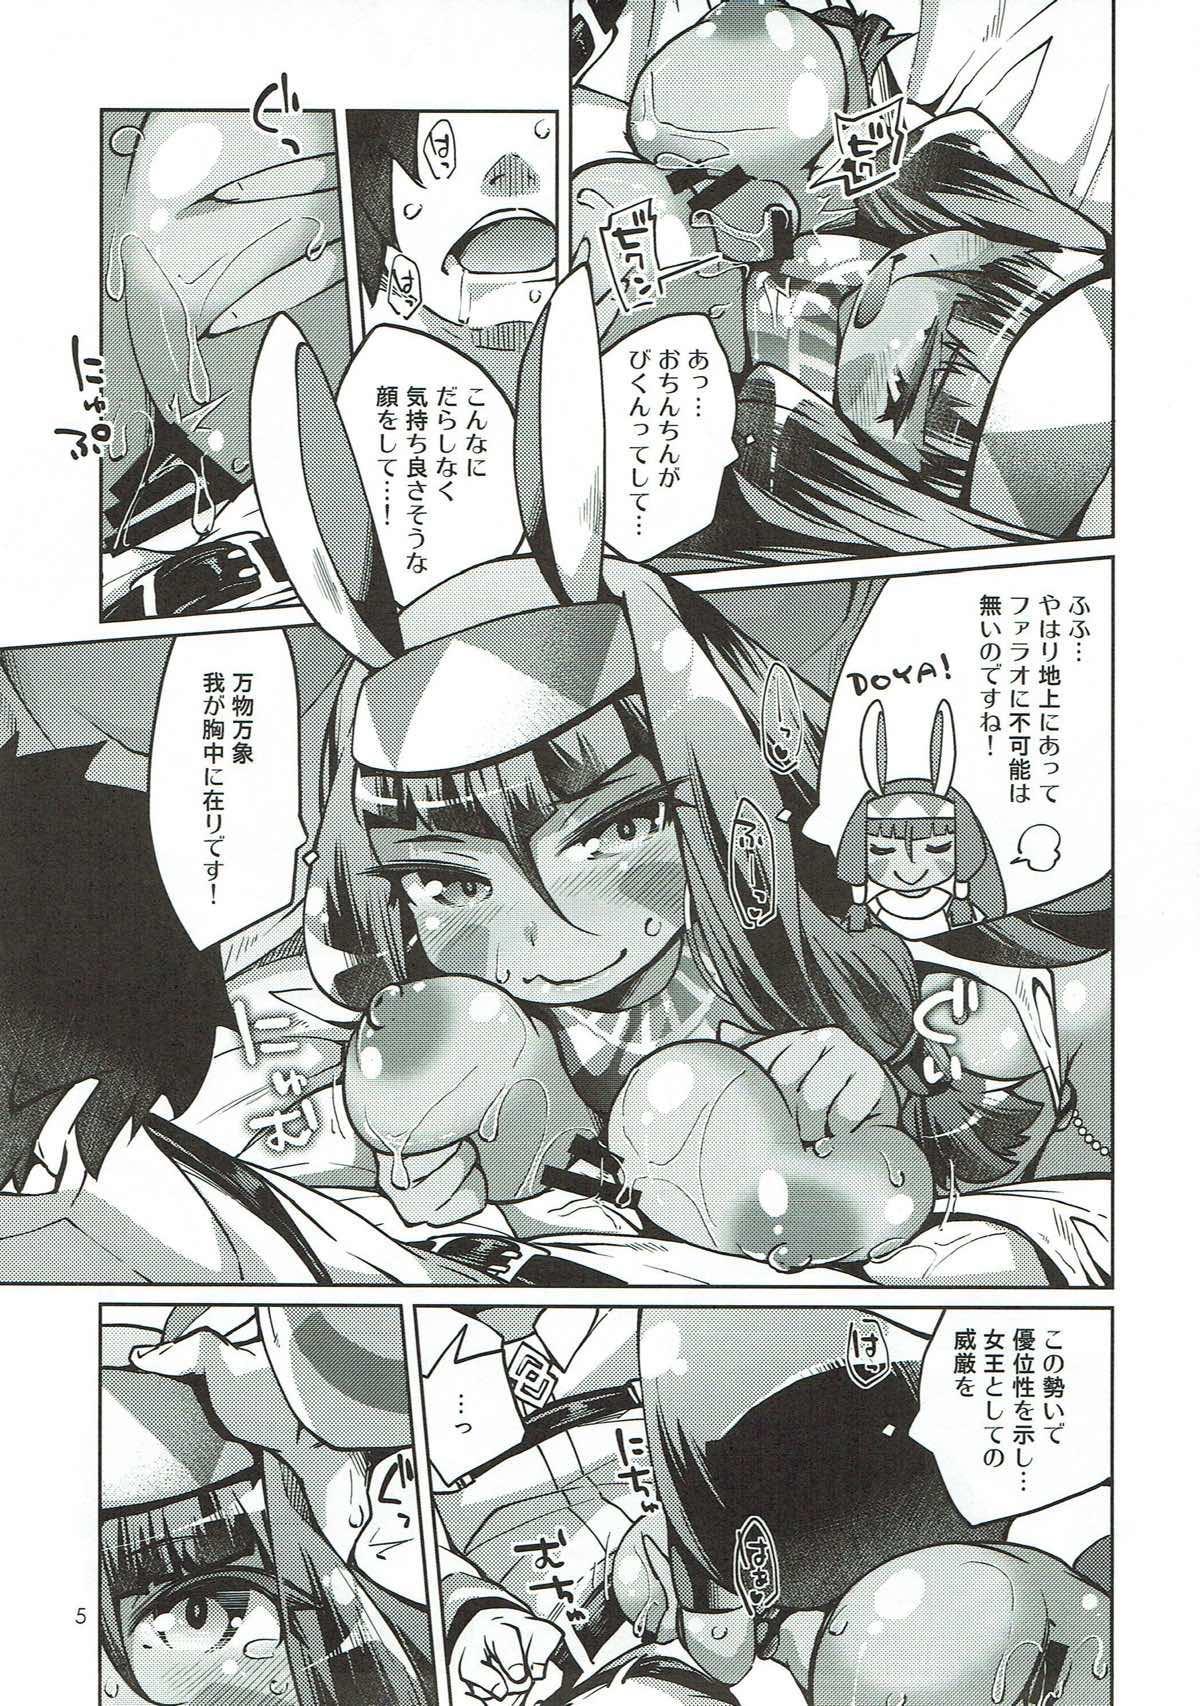 Atashi Ponkotsu SR Servant 3